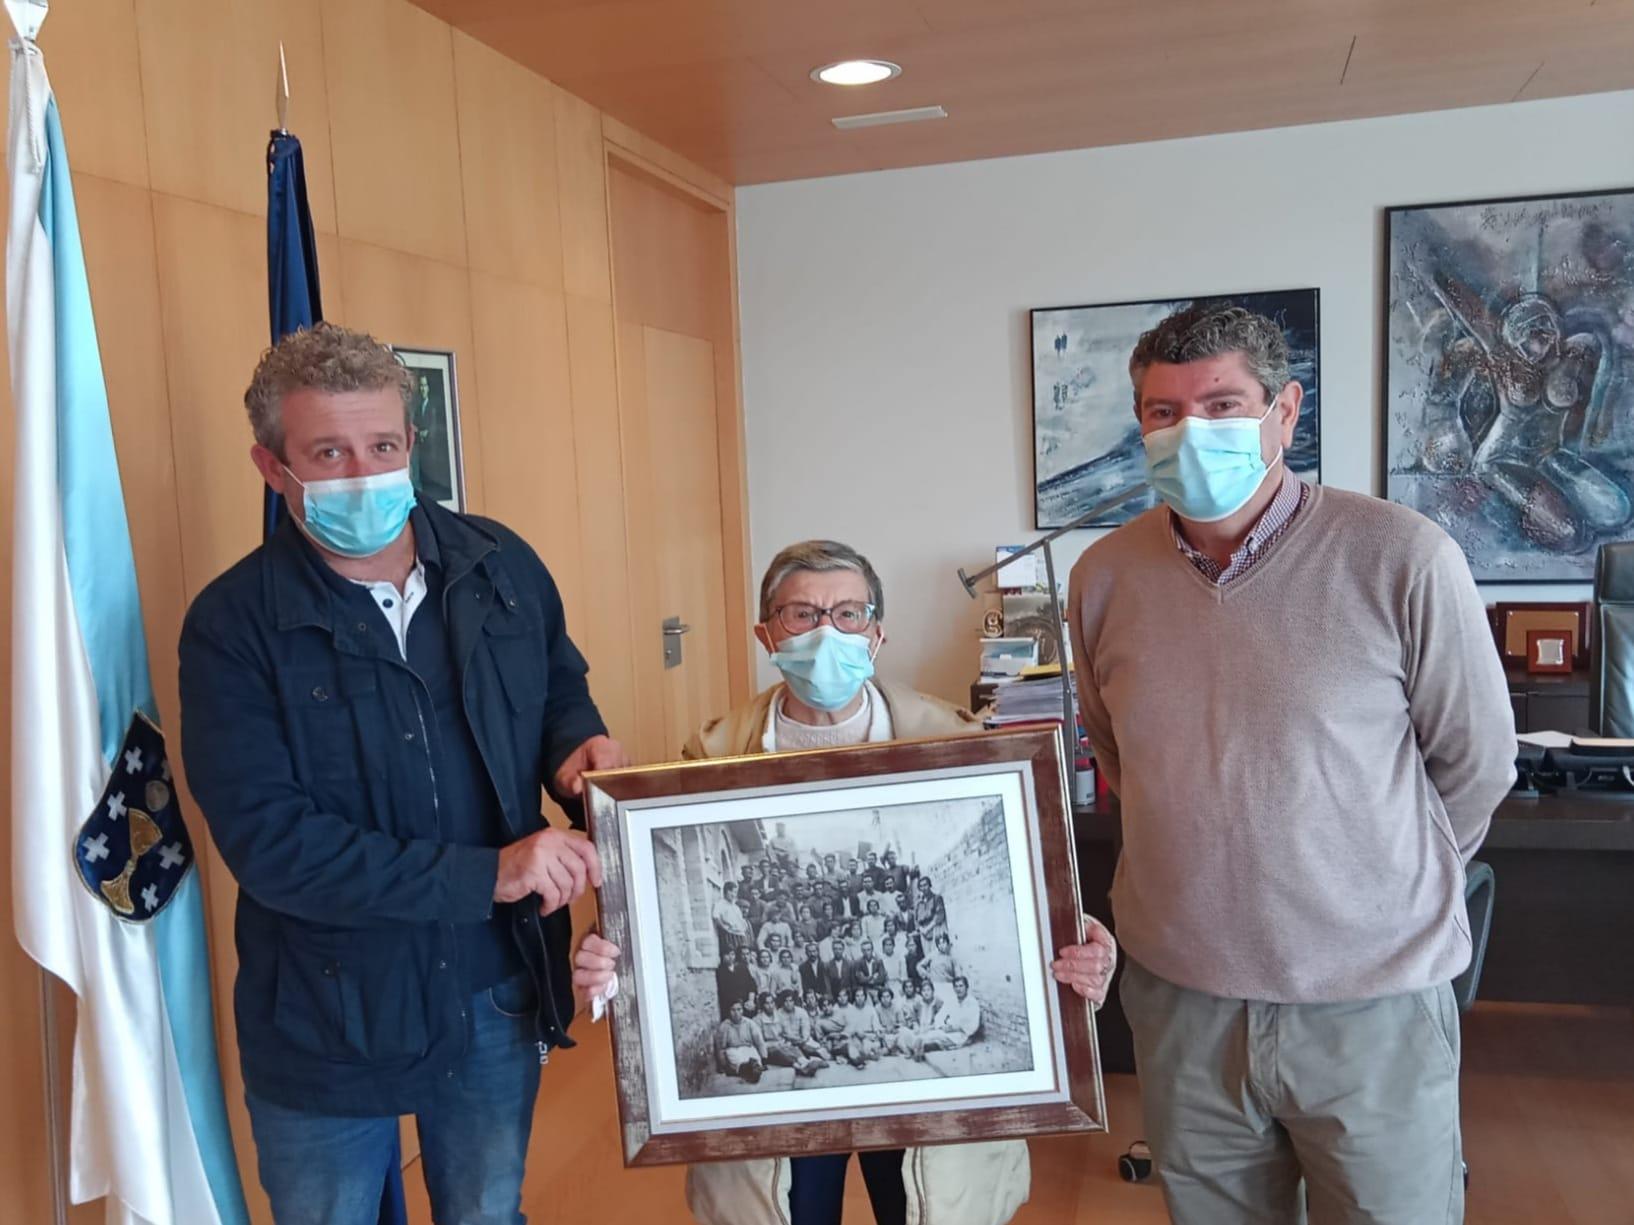 O Concello de Burela recibe o agasallo dunha fotografía dos traballadores da fábrica de Cucurny do ano 1925